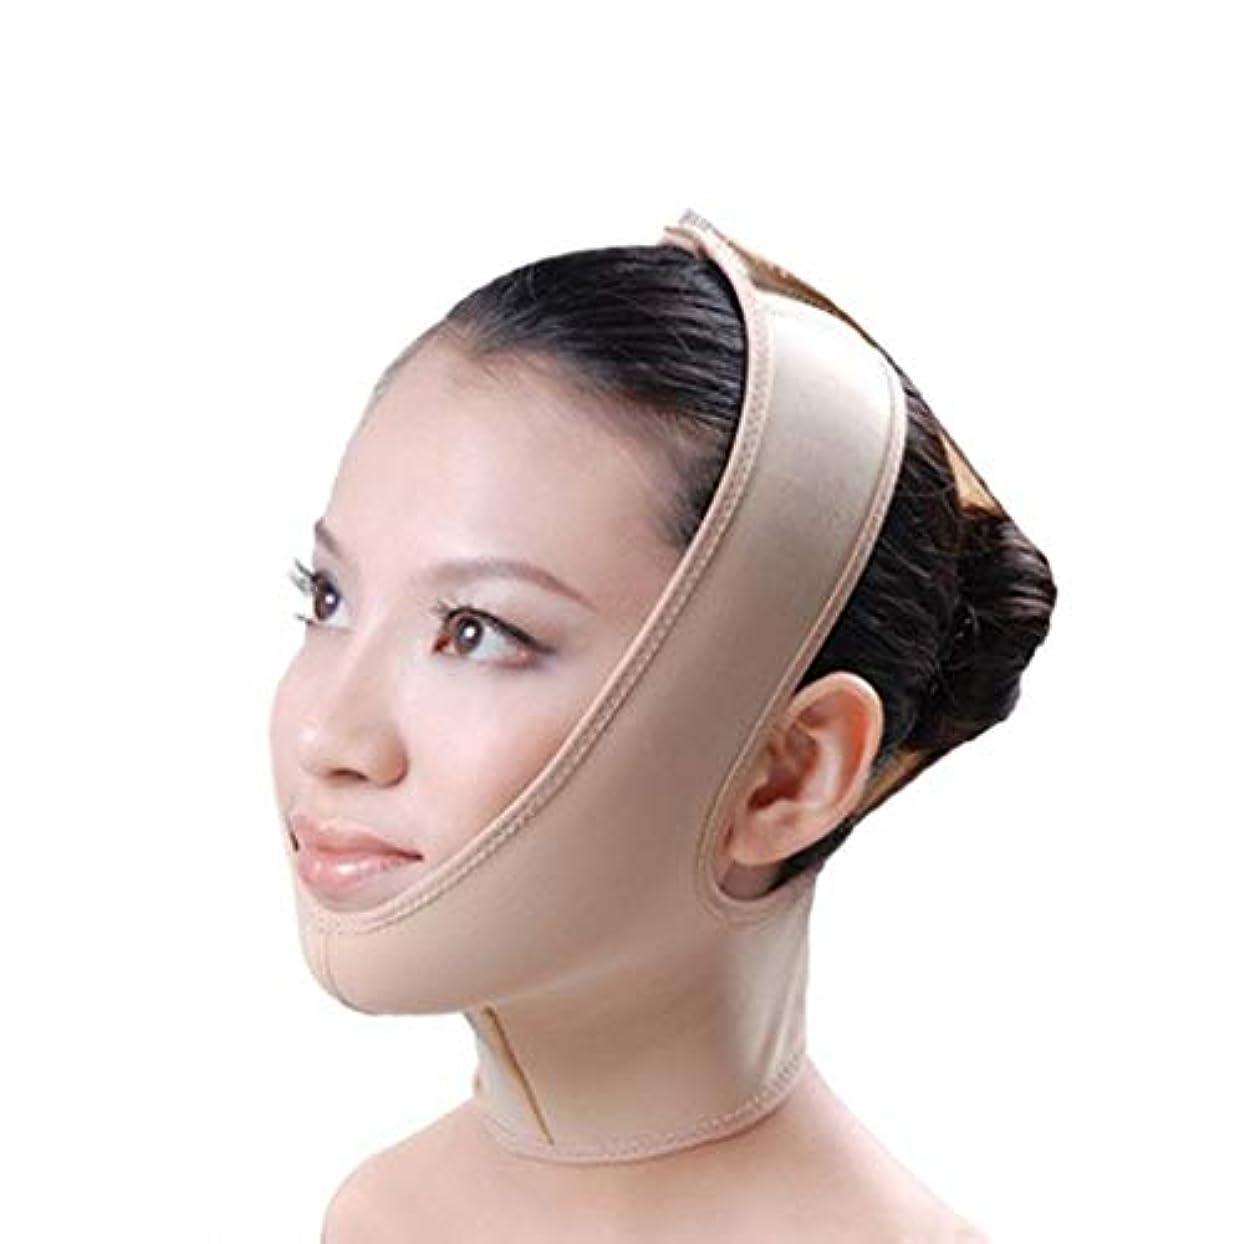 ダース落ち着いてステレオタイプフェイススリム、リフティングマスク、包帯リフト、ダブルチン、ファーミングフェイシャルリフト、フェイシャル減量マスク、リフティングスキンバンデージ (Size : XL)